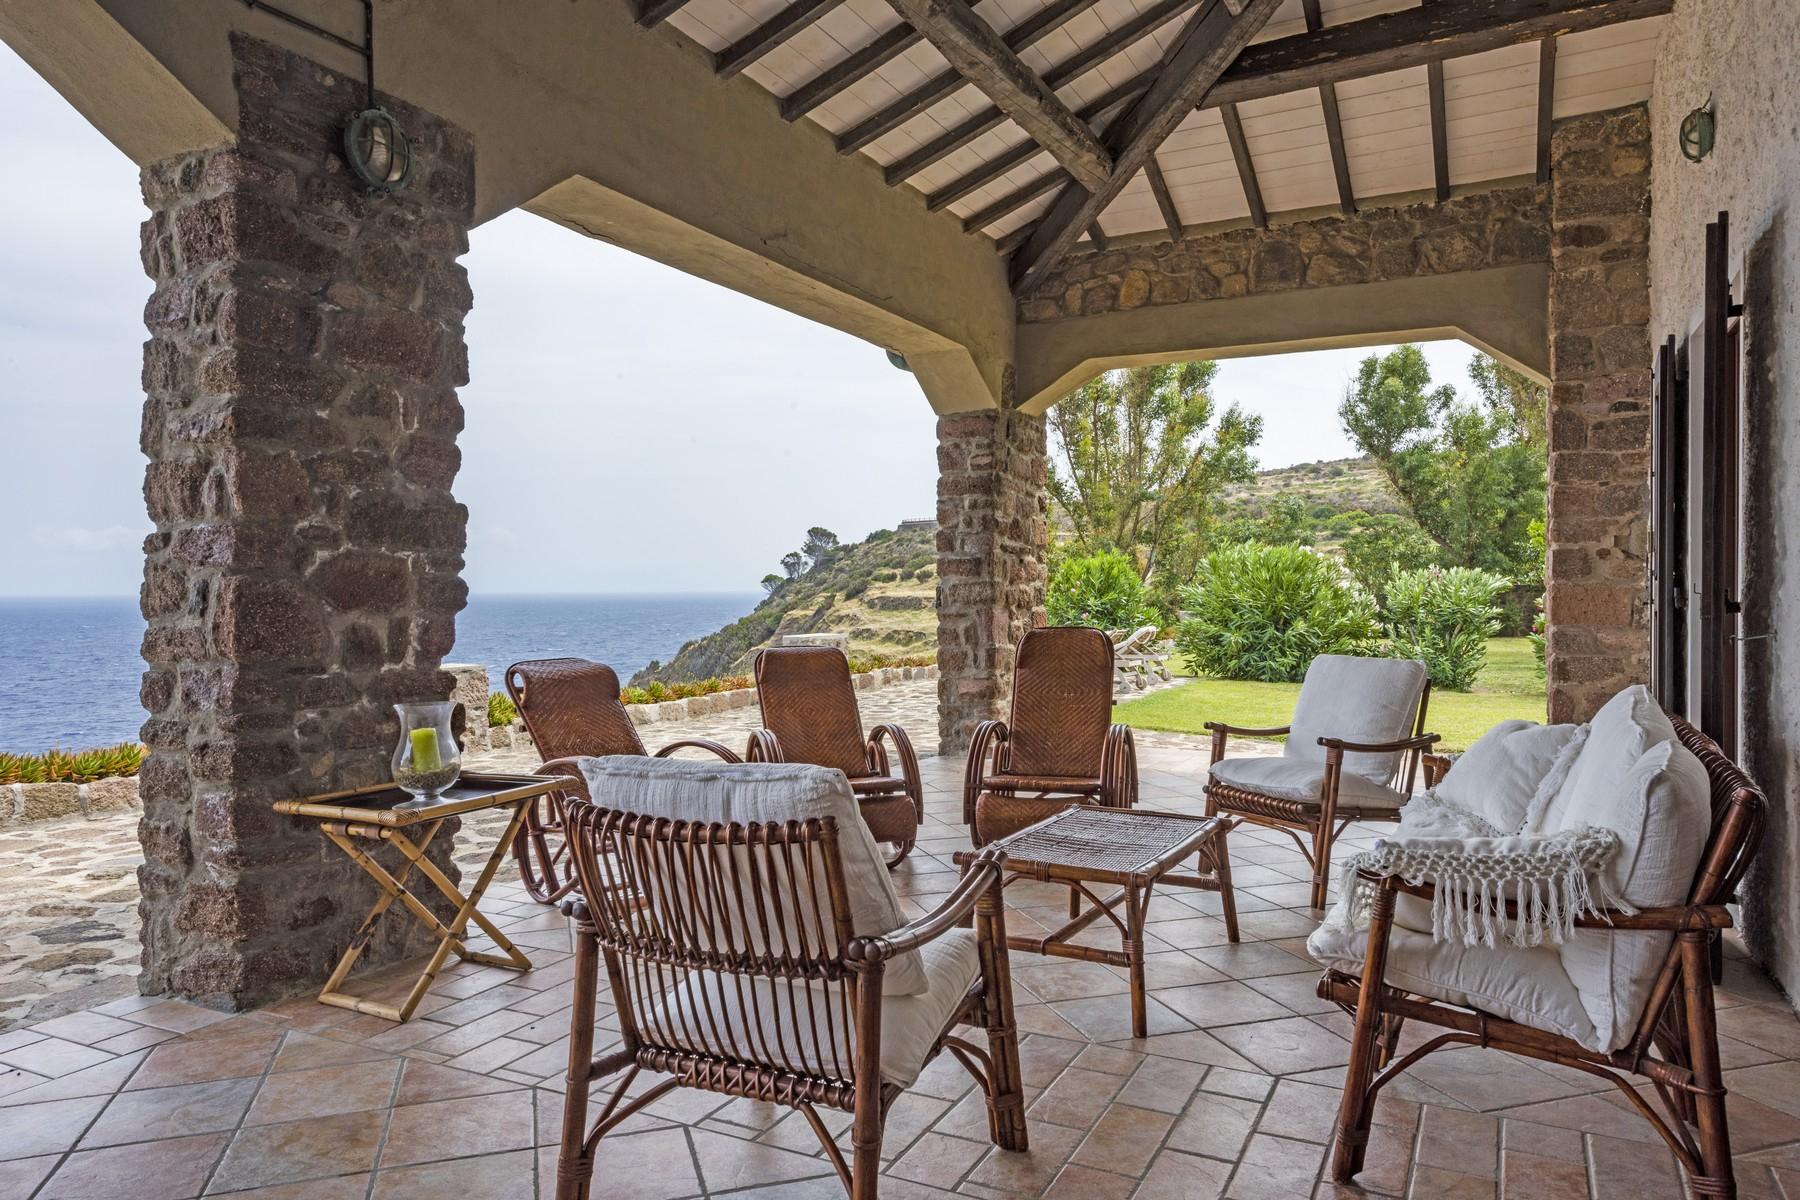 Villa in Vendita a Capraia Isola: 5 locali, 320 mq - Foto 21